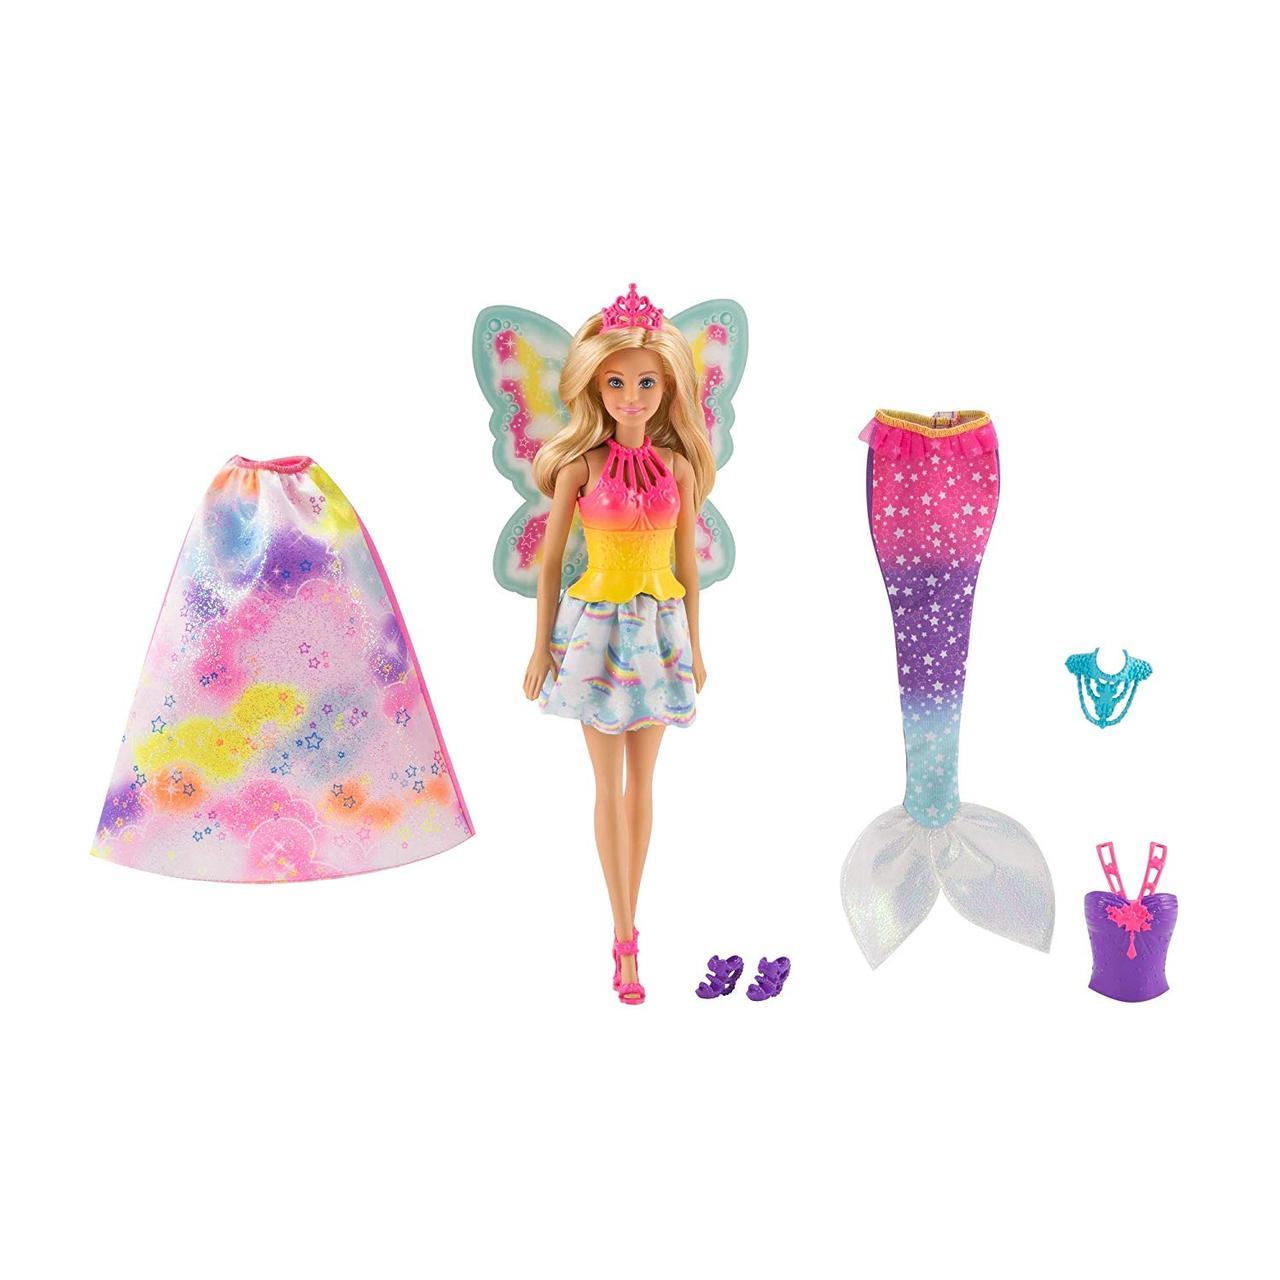 Кукла Барби Дримтопия Волшебное перевоплощение Barbie Dreamtopia Rainbow Cove Fairytale Dress Up Set светлые в